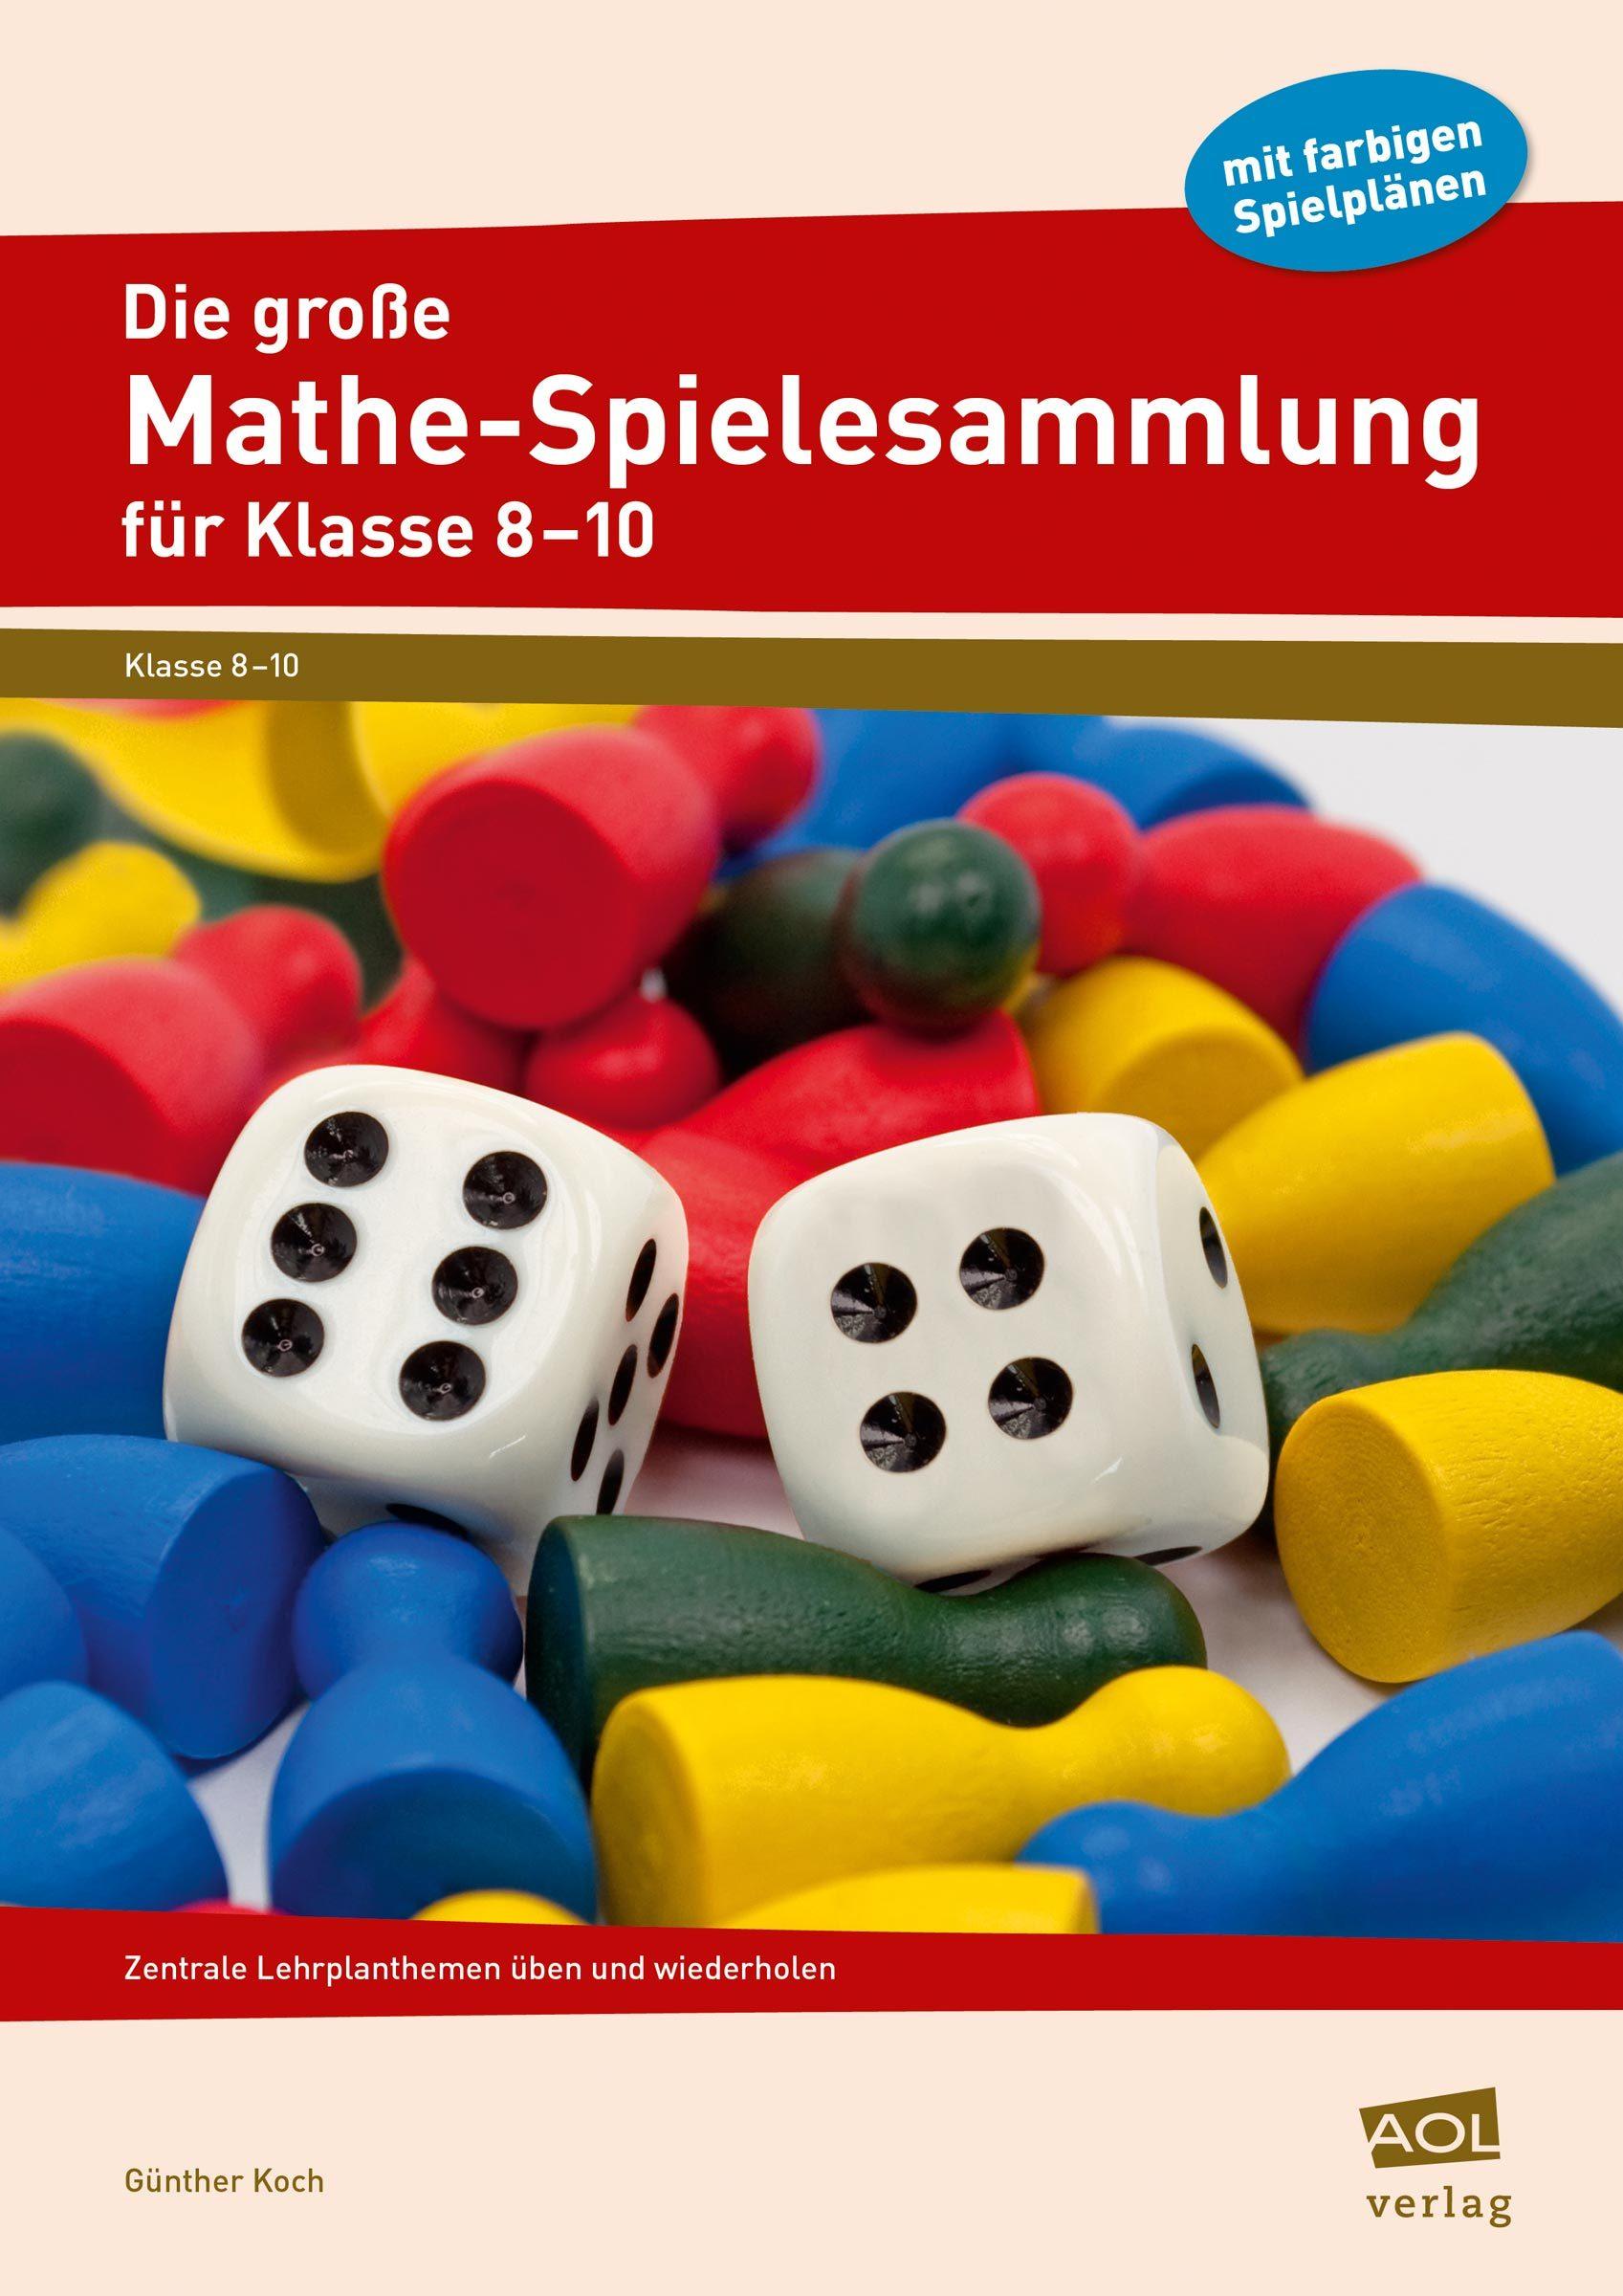 Die große Mathe-Spielesammlung für Klasse 8 bis 10 von AOL ...